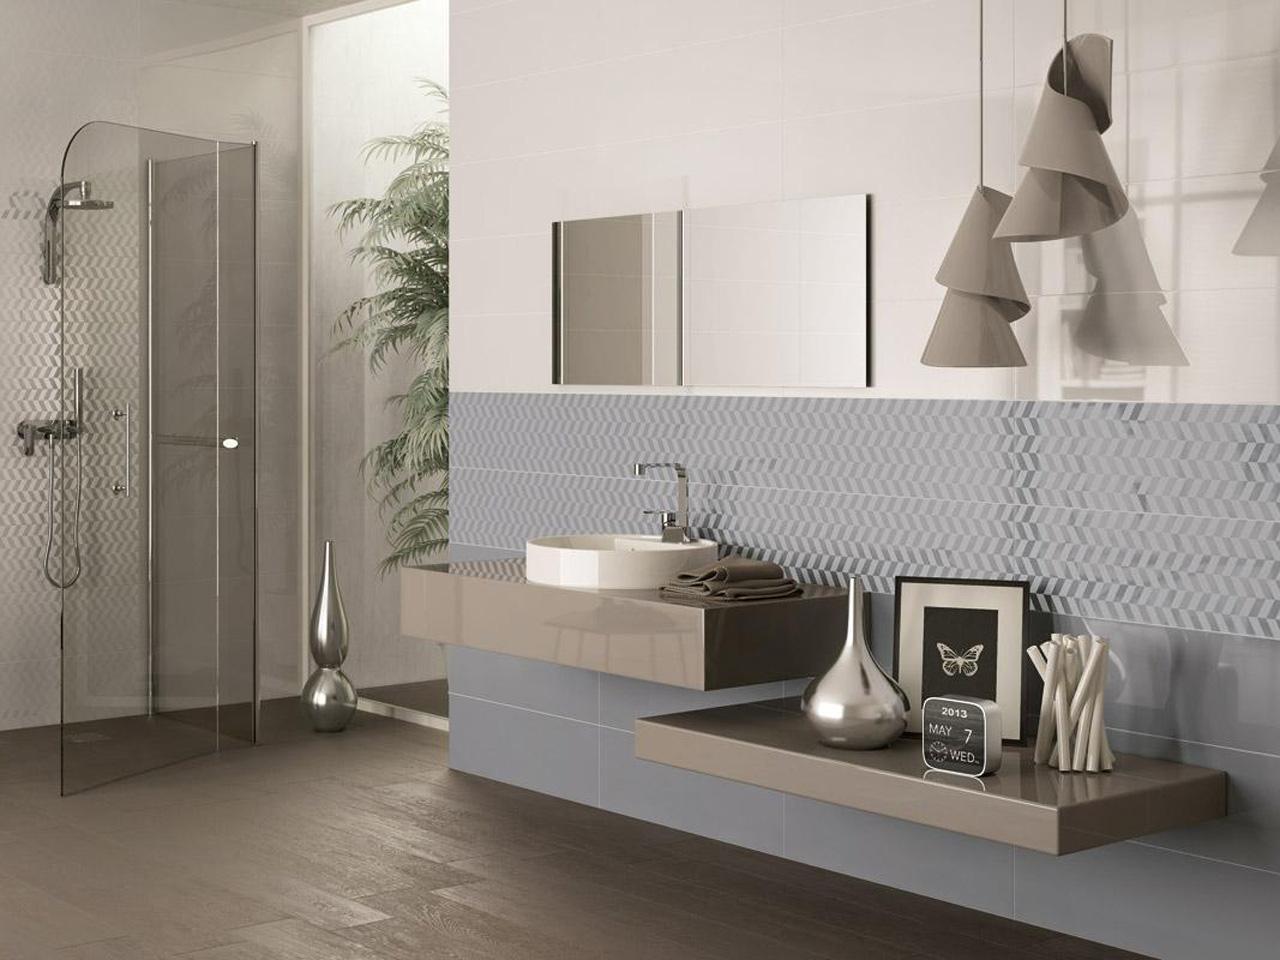 Bagnoidea prodotti e tendenze per arredare il bagno - Altezza rivestimenti bagno ...